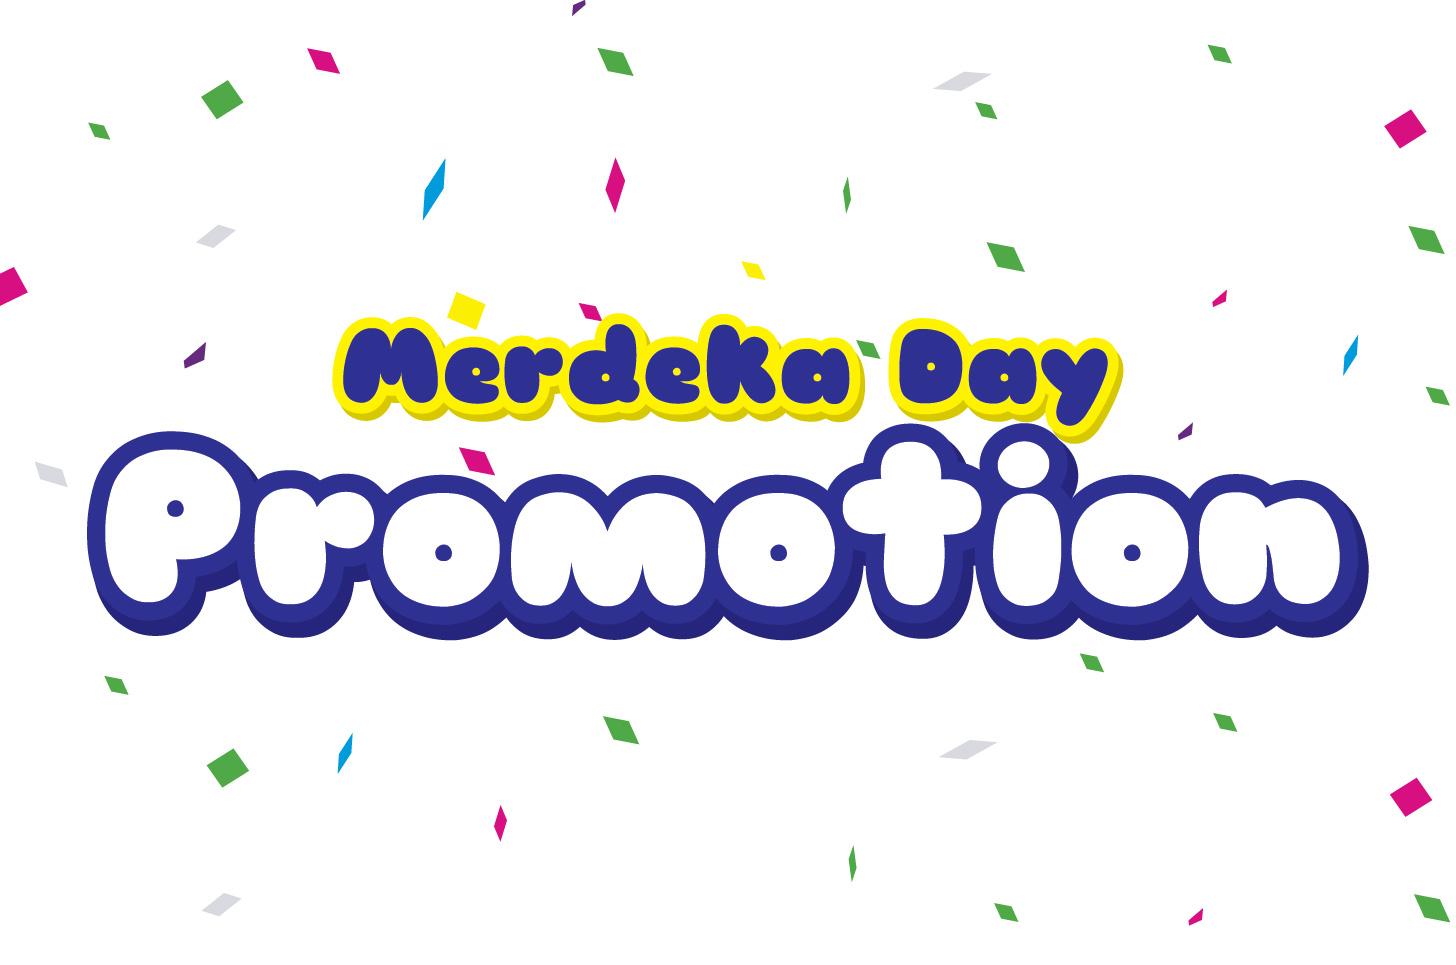 Merdeka Day Promotion